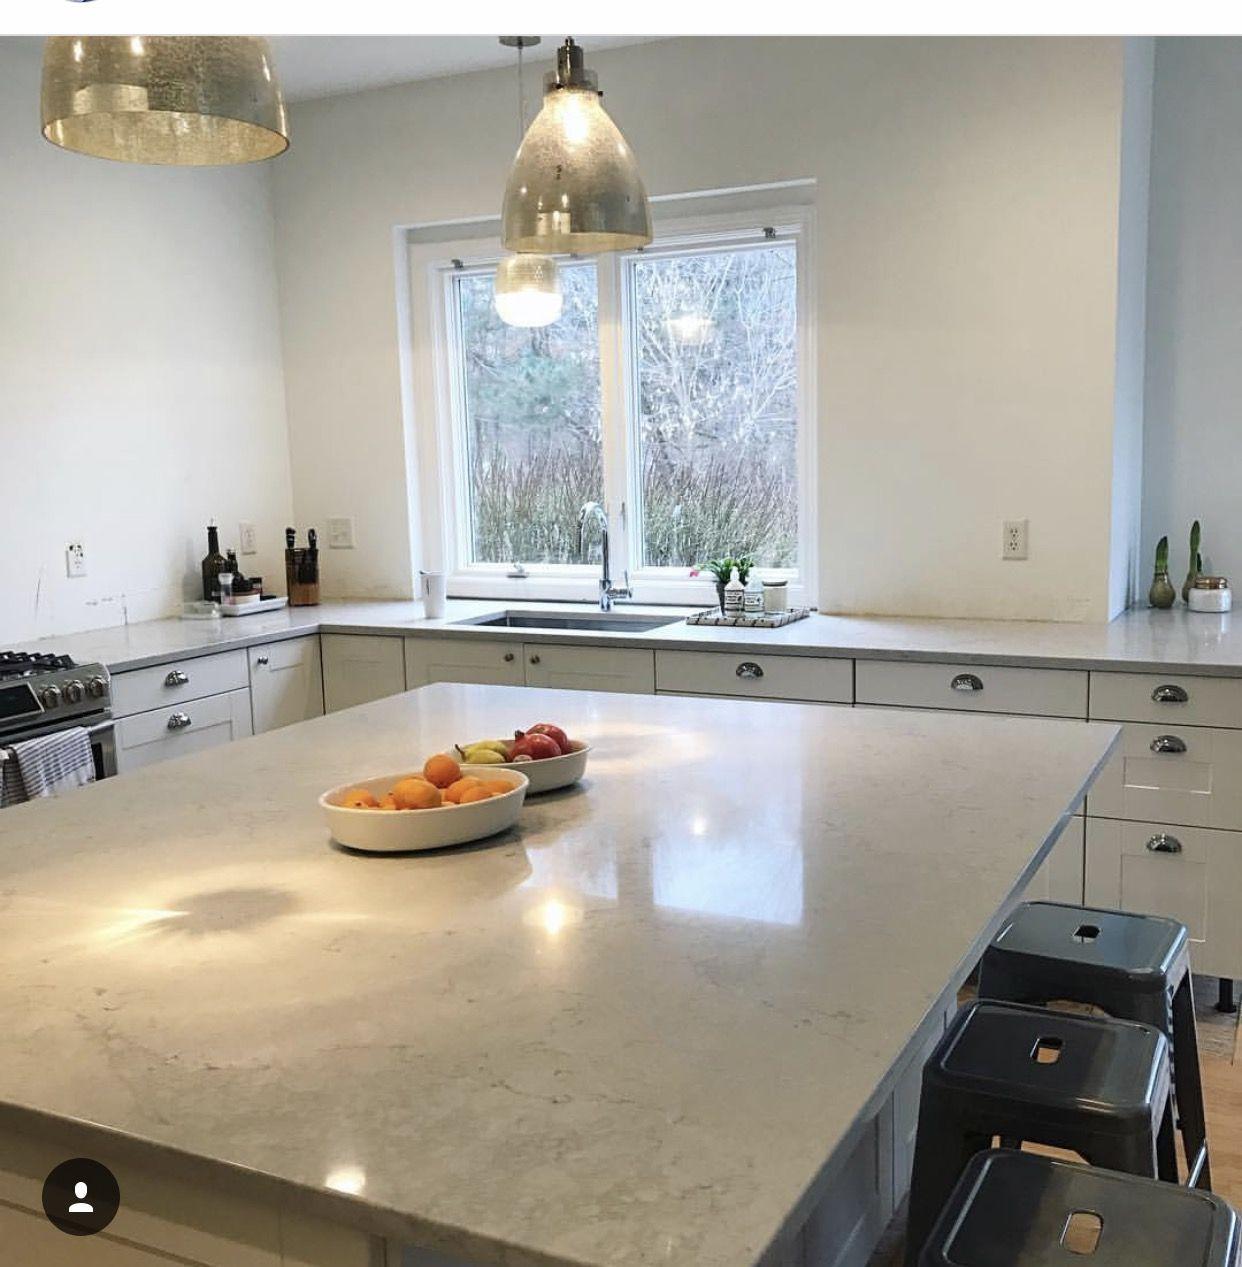 ikea kitchen counters door hinges caeserstone countertops nobel gray